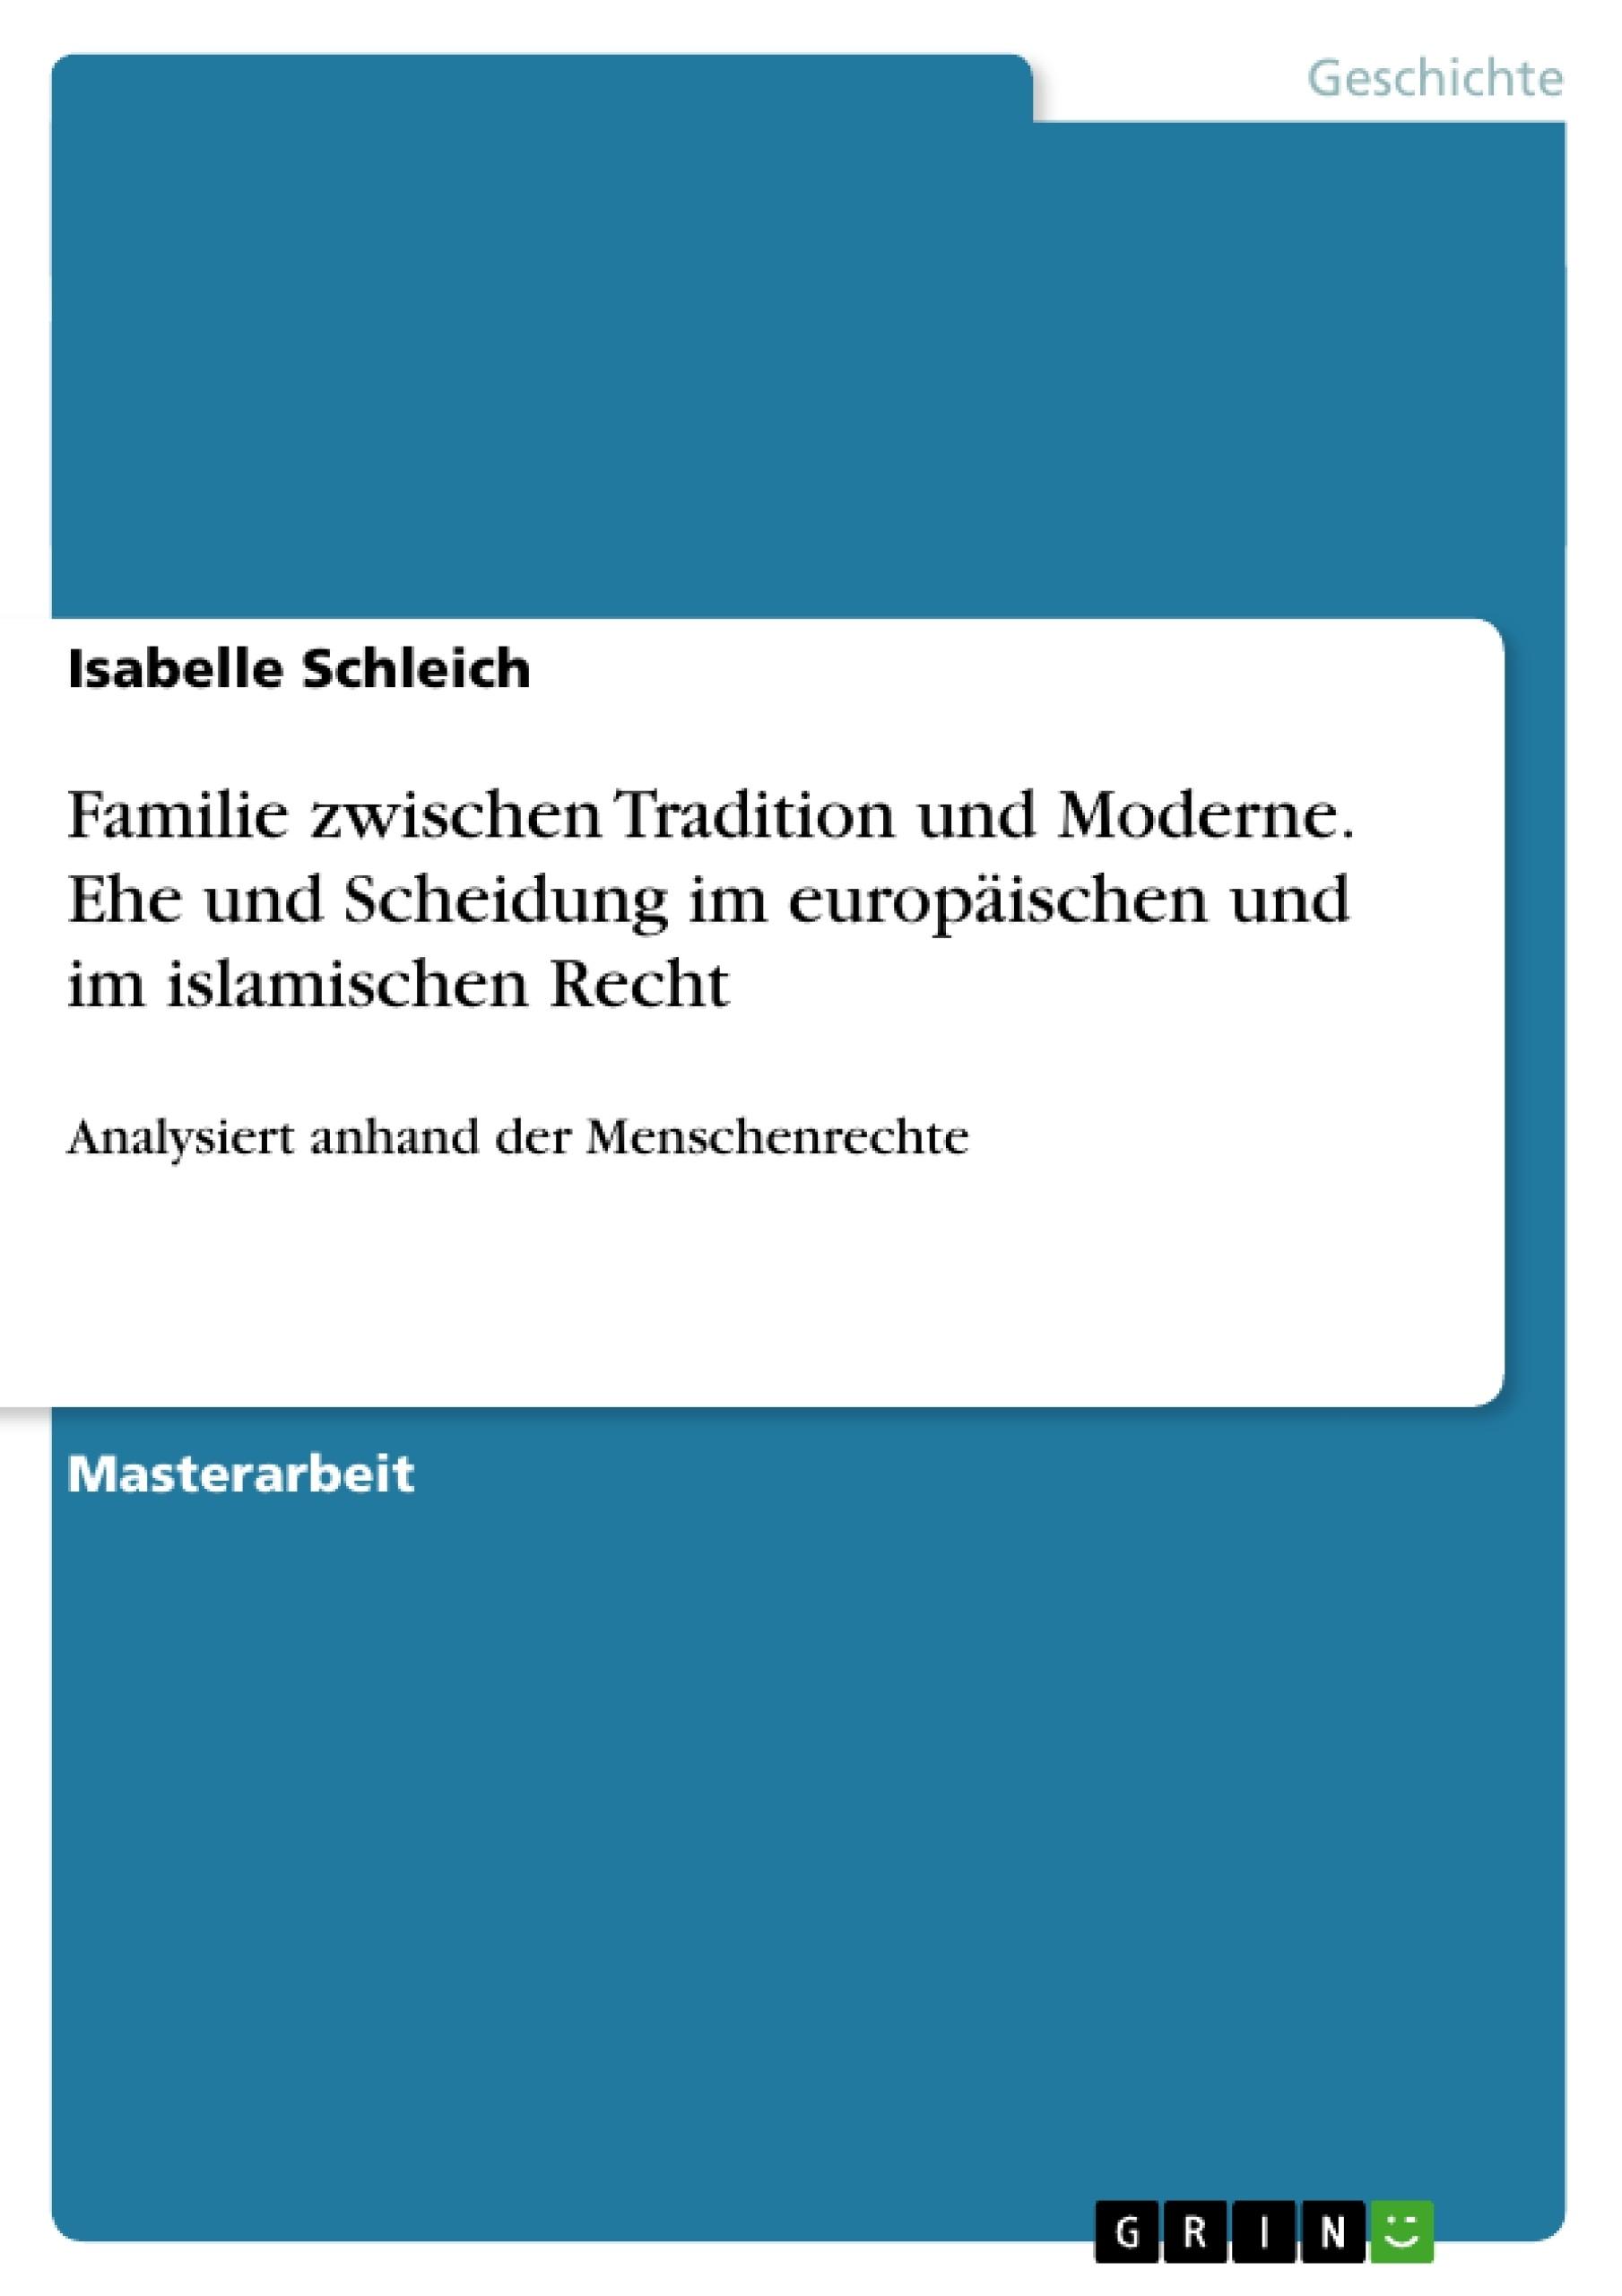 Titel: Familie zwischen Tradition und Moderne. Ehe und Scheidung im europäischen und im islamischen Recht